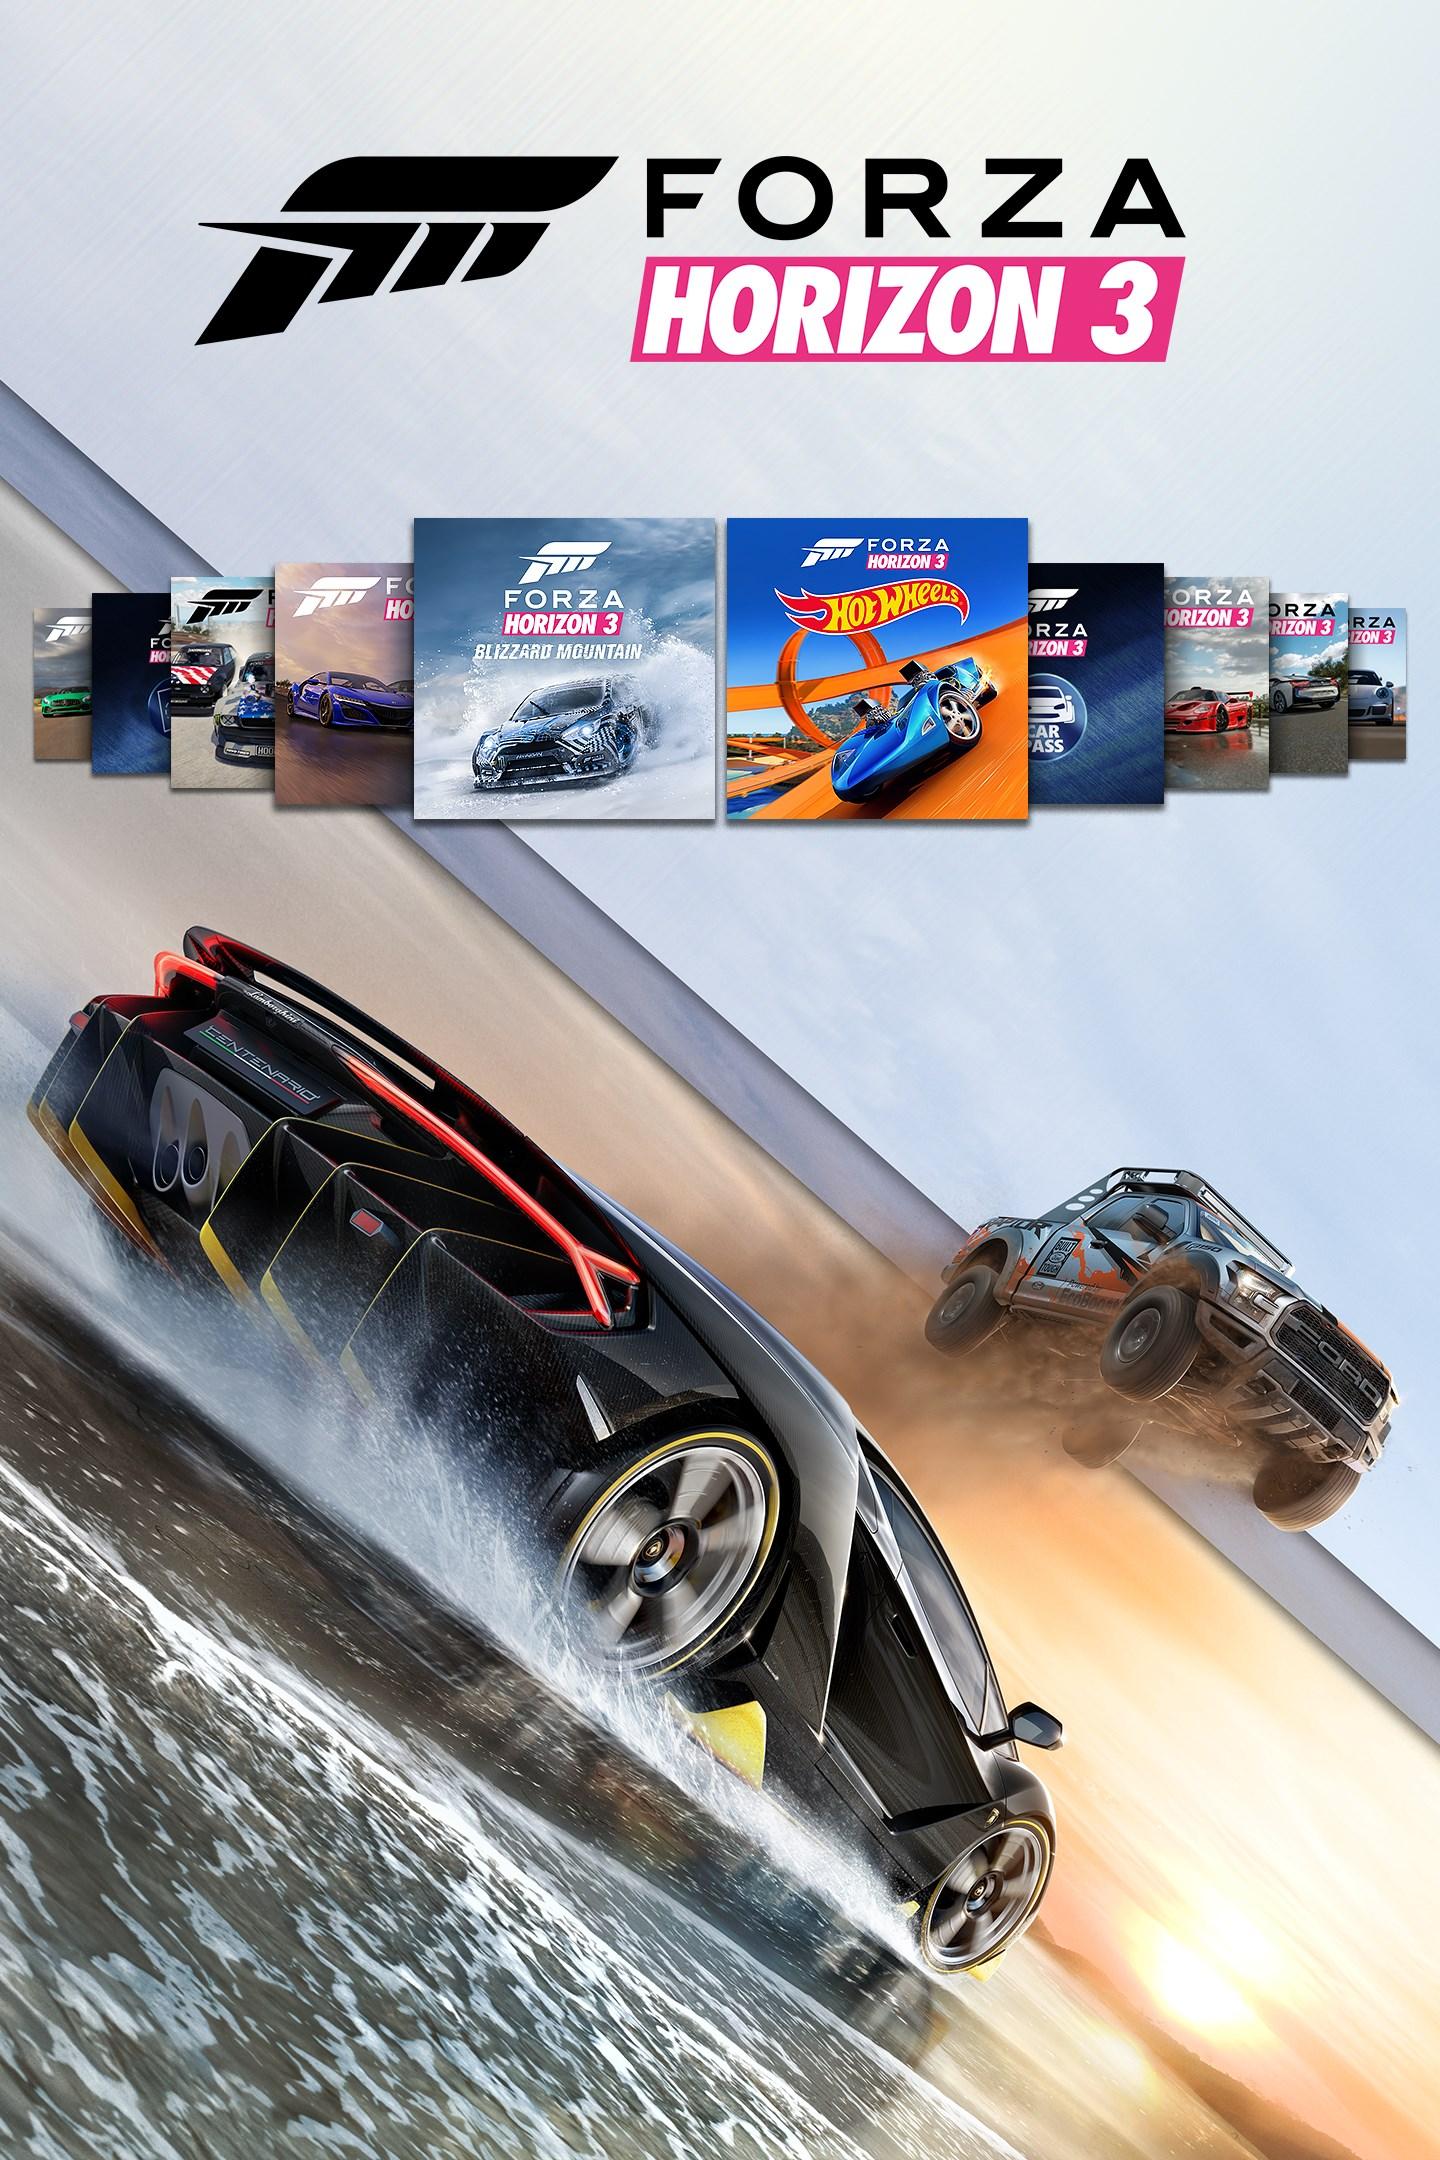 Forza Horizon 3/Platinum Plus Expansions Bundle